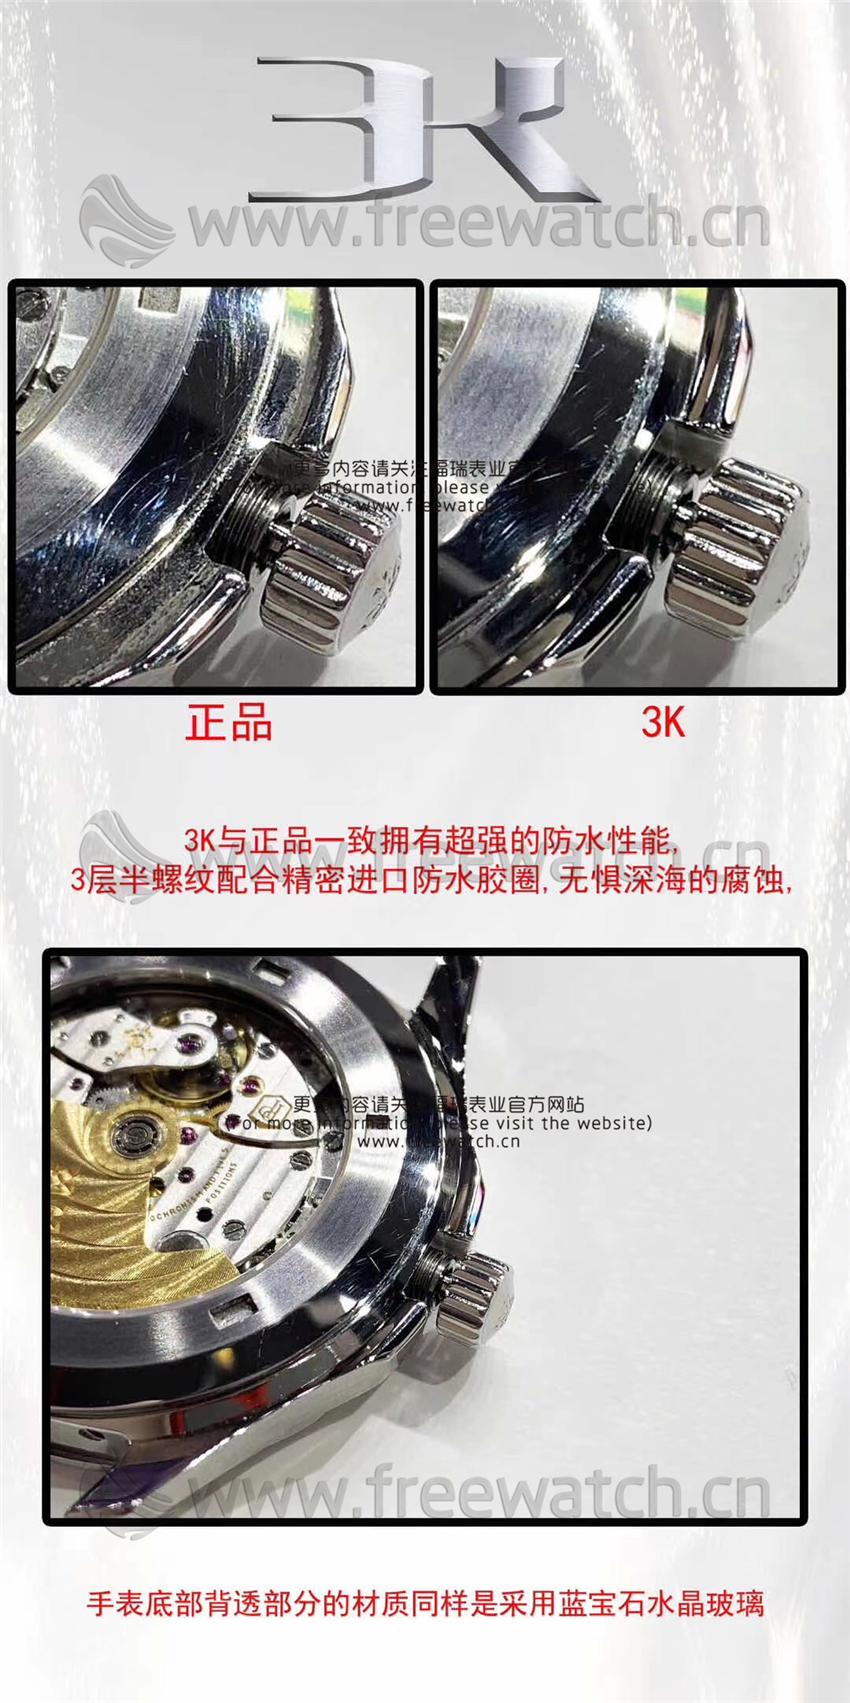 3K厂百达翡丽手雷与正品对比评测和其它版本差别在哪-第4张